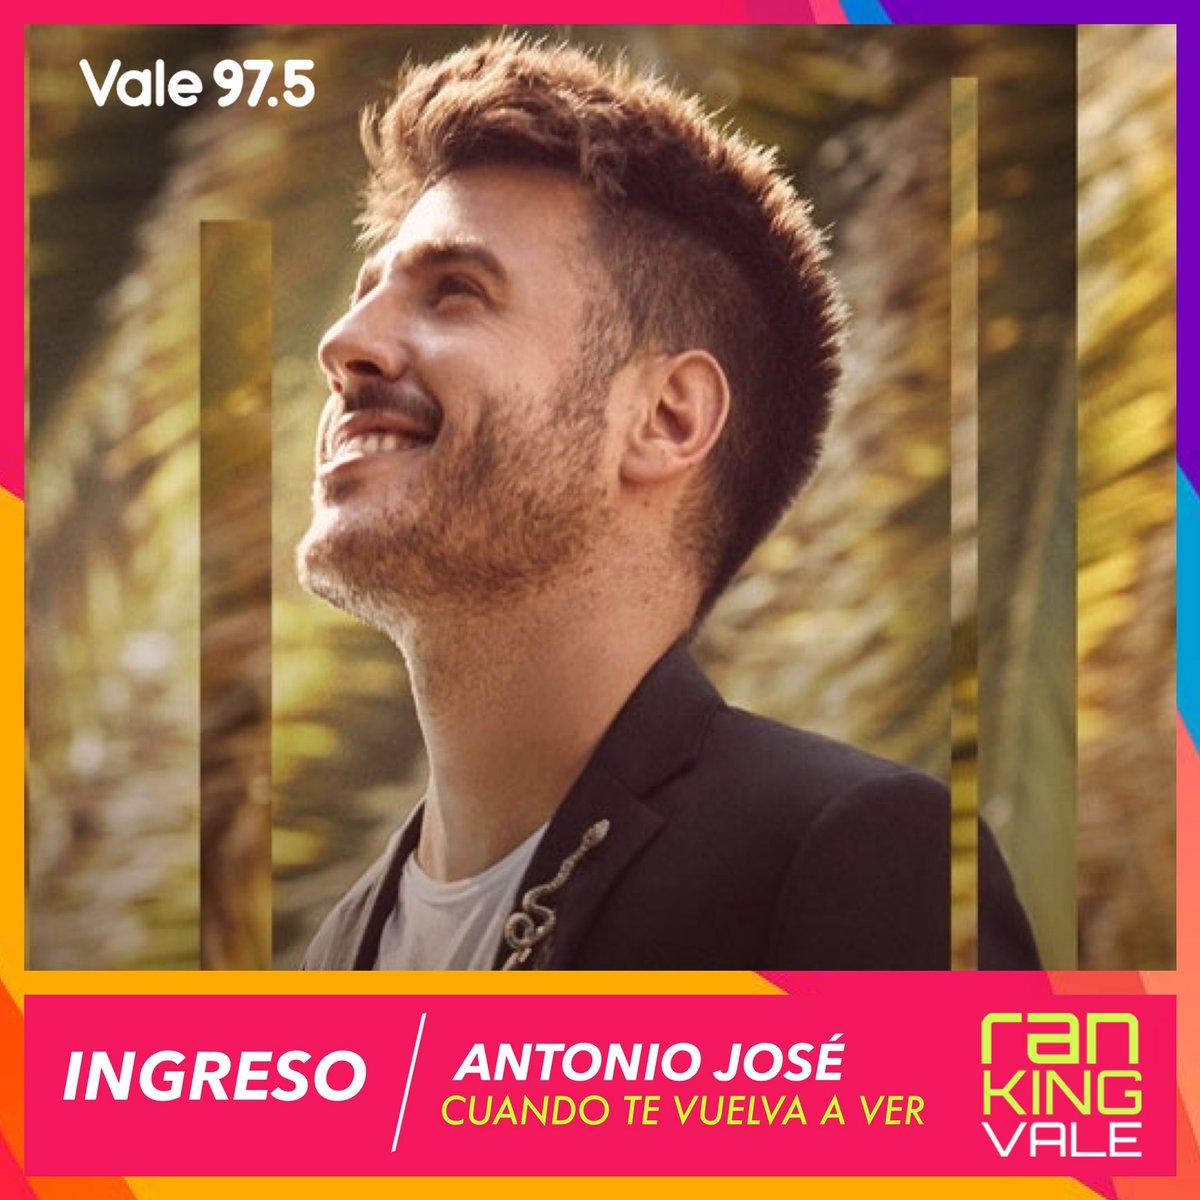 INGRESO | ¡Esta semana recibimos a @AntonioJSMazuec! Tus votos hicieron posible que #CuandoTeVuelvaAVer forme parte del #RankingVale! 💕🎶